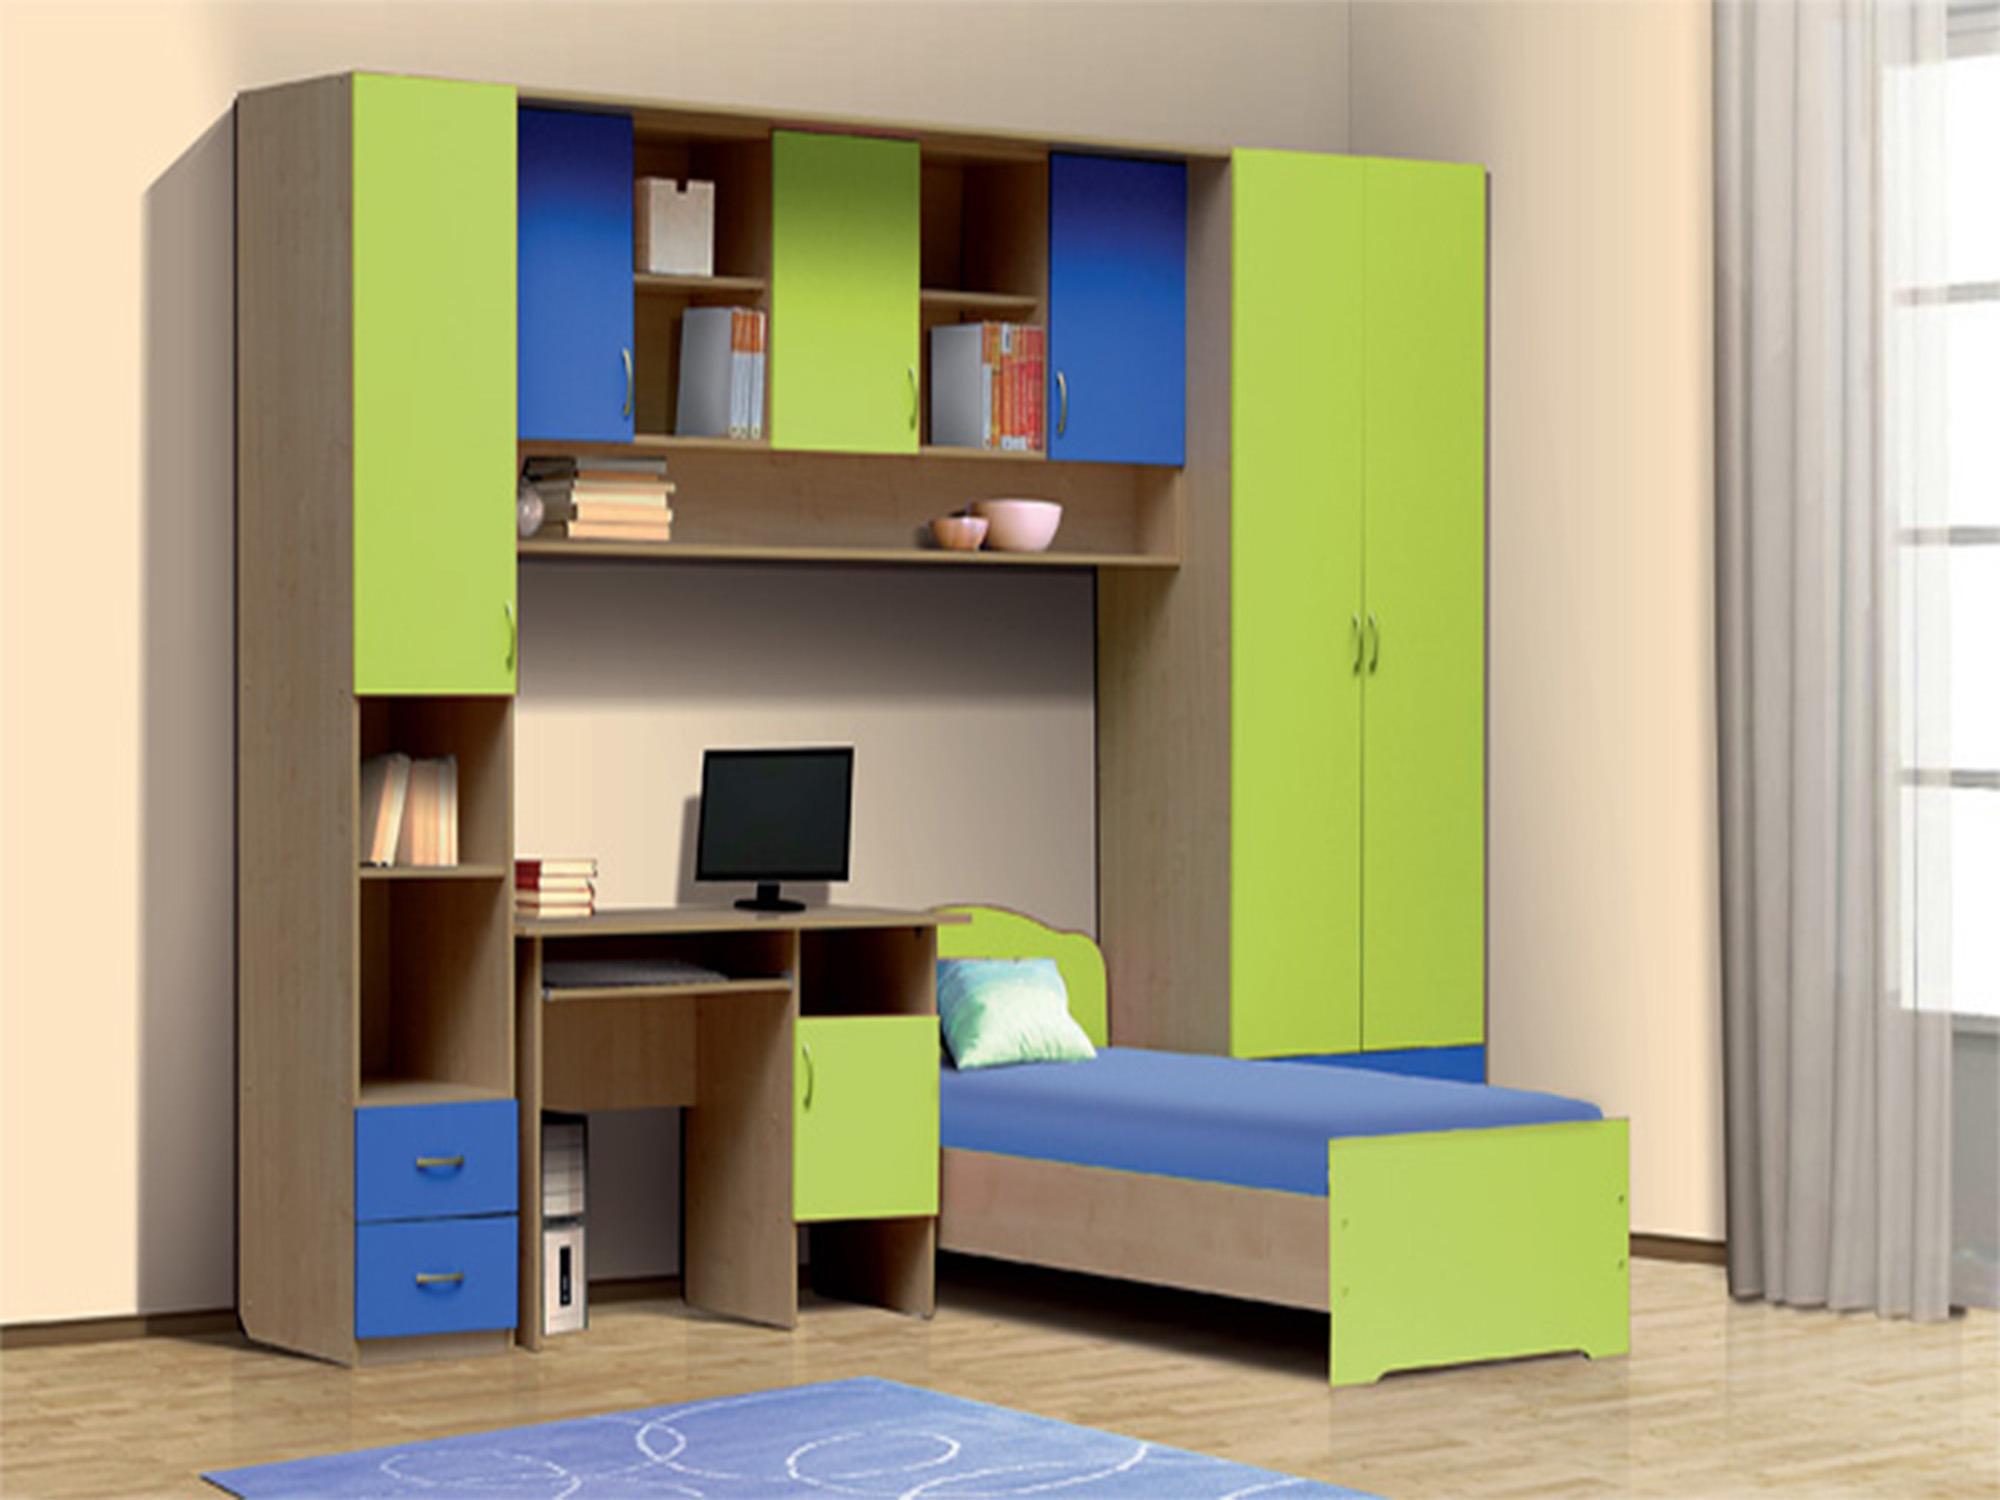 Набор мебели Школьник-1-1Детские комнаты<br><br><br>Длина мм: 3200<br>Высота мм: 2200<br>Глубина мм: 1995